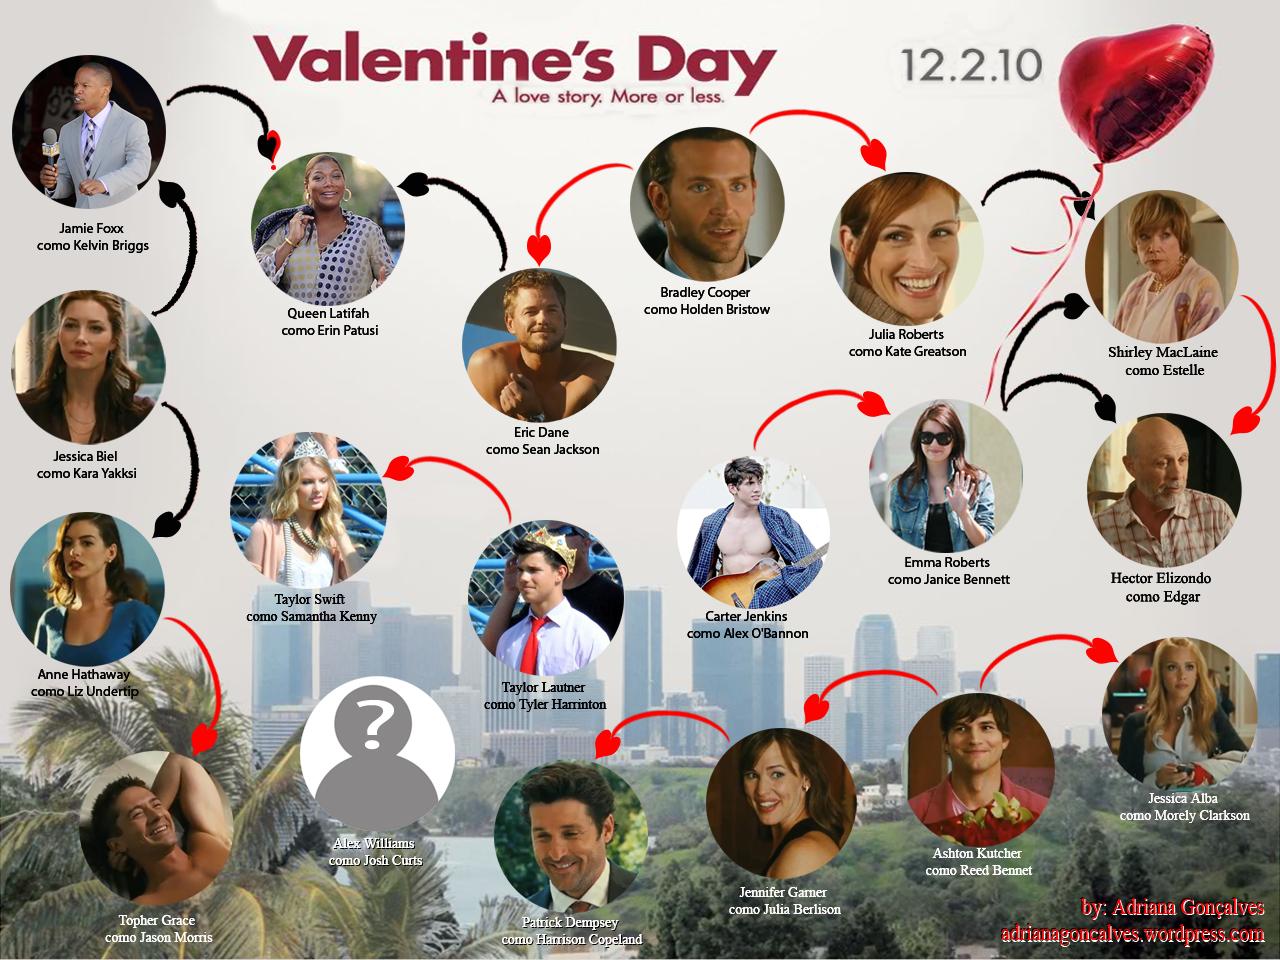 http://2.bp.blogspot.com/-ulyrdW6WB9U/TV6ljS1yLBI/AAAAAAAAABY/BpOeU2pzUKE/s1600/valentines-day.png